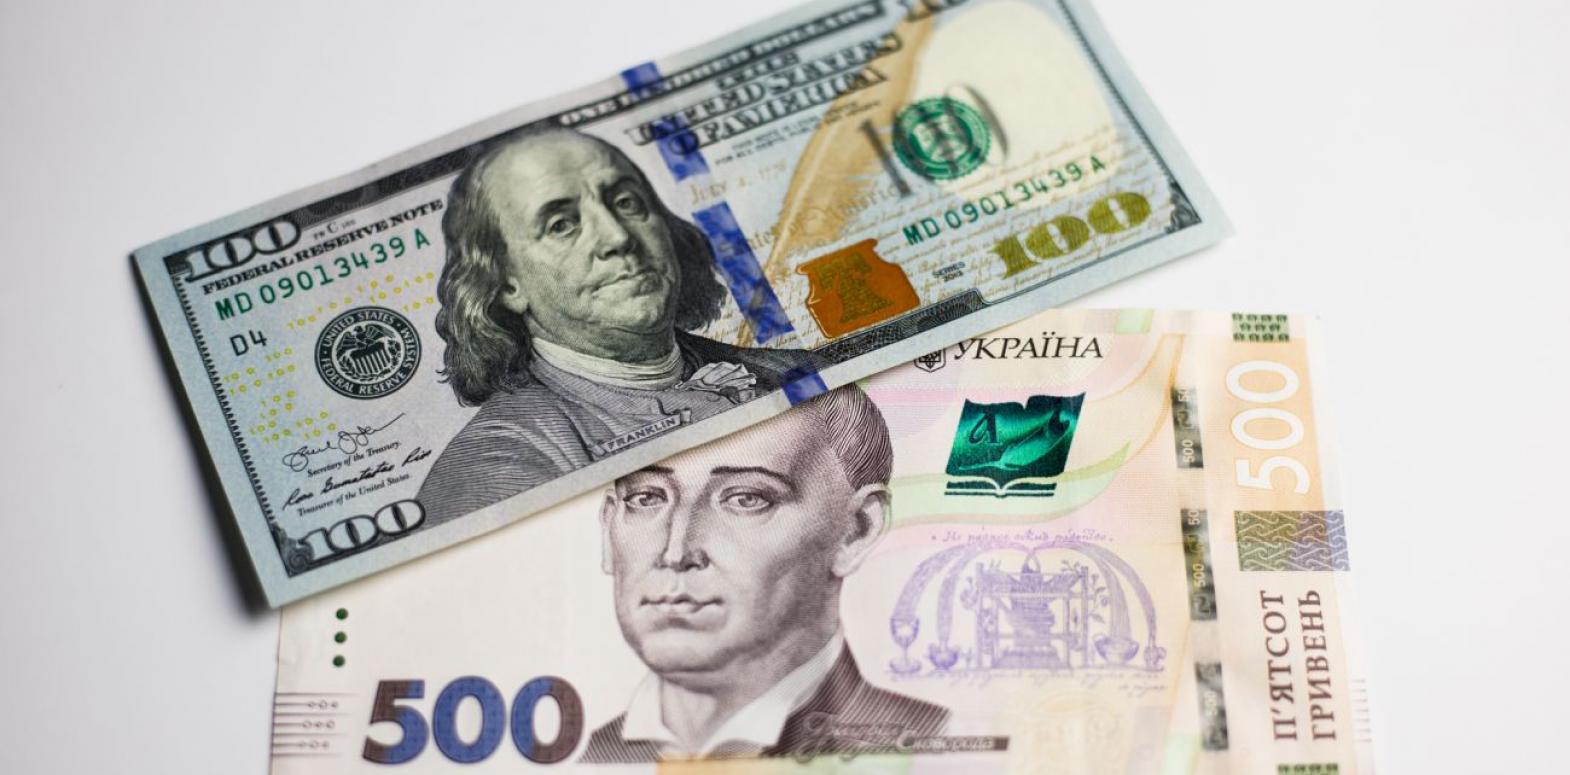 Украина выплатила крупную сумму по госдолгу